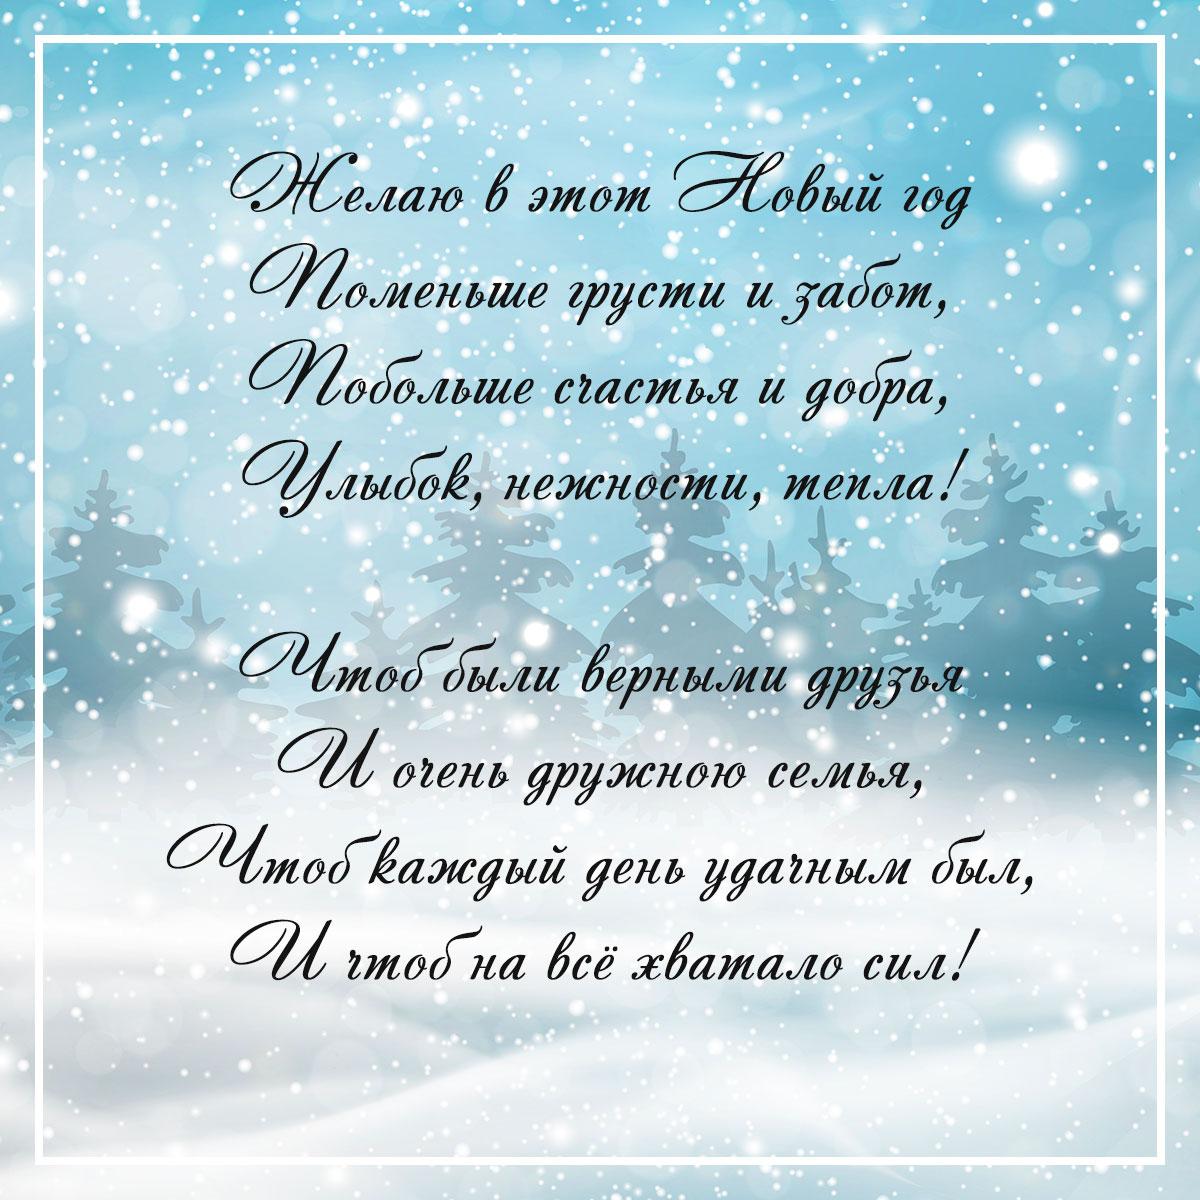 Текст поздравления каллиграфическим шрифтом на голубом фоне со снегопадом.